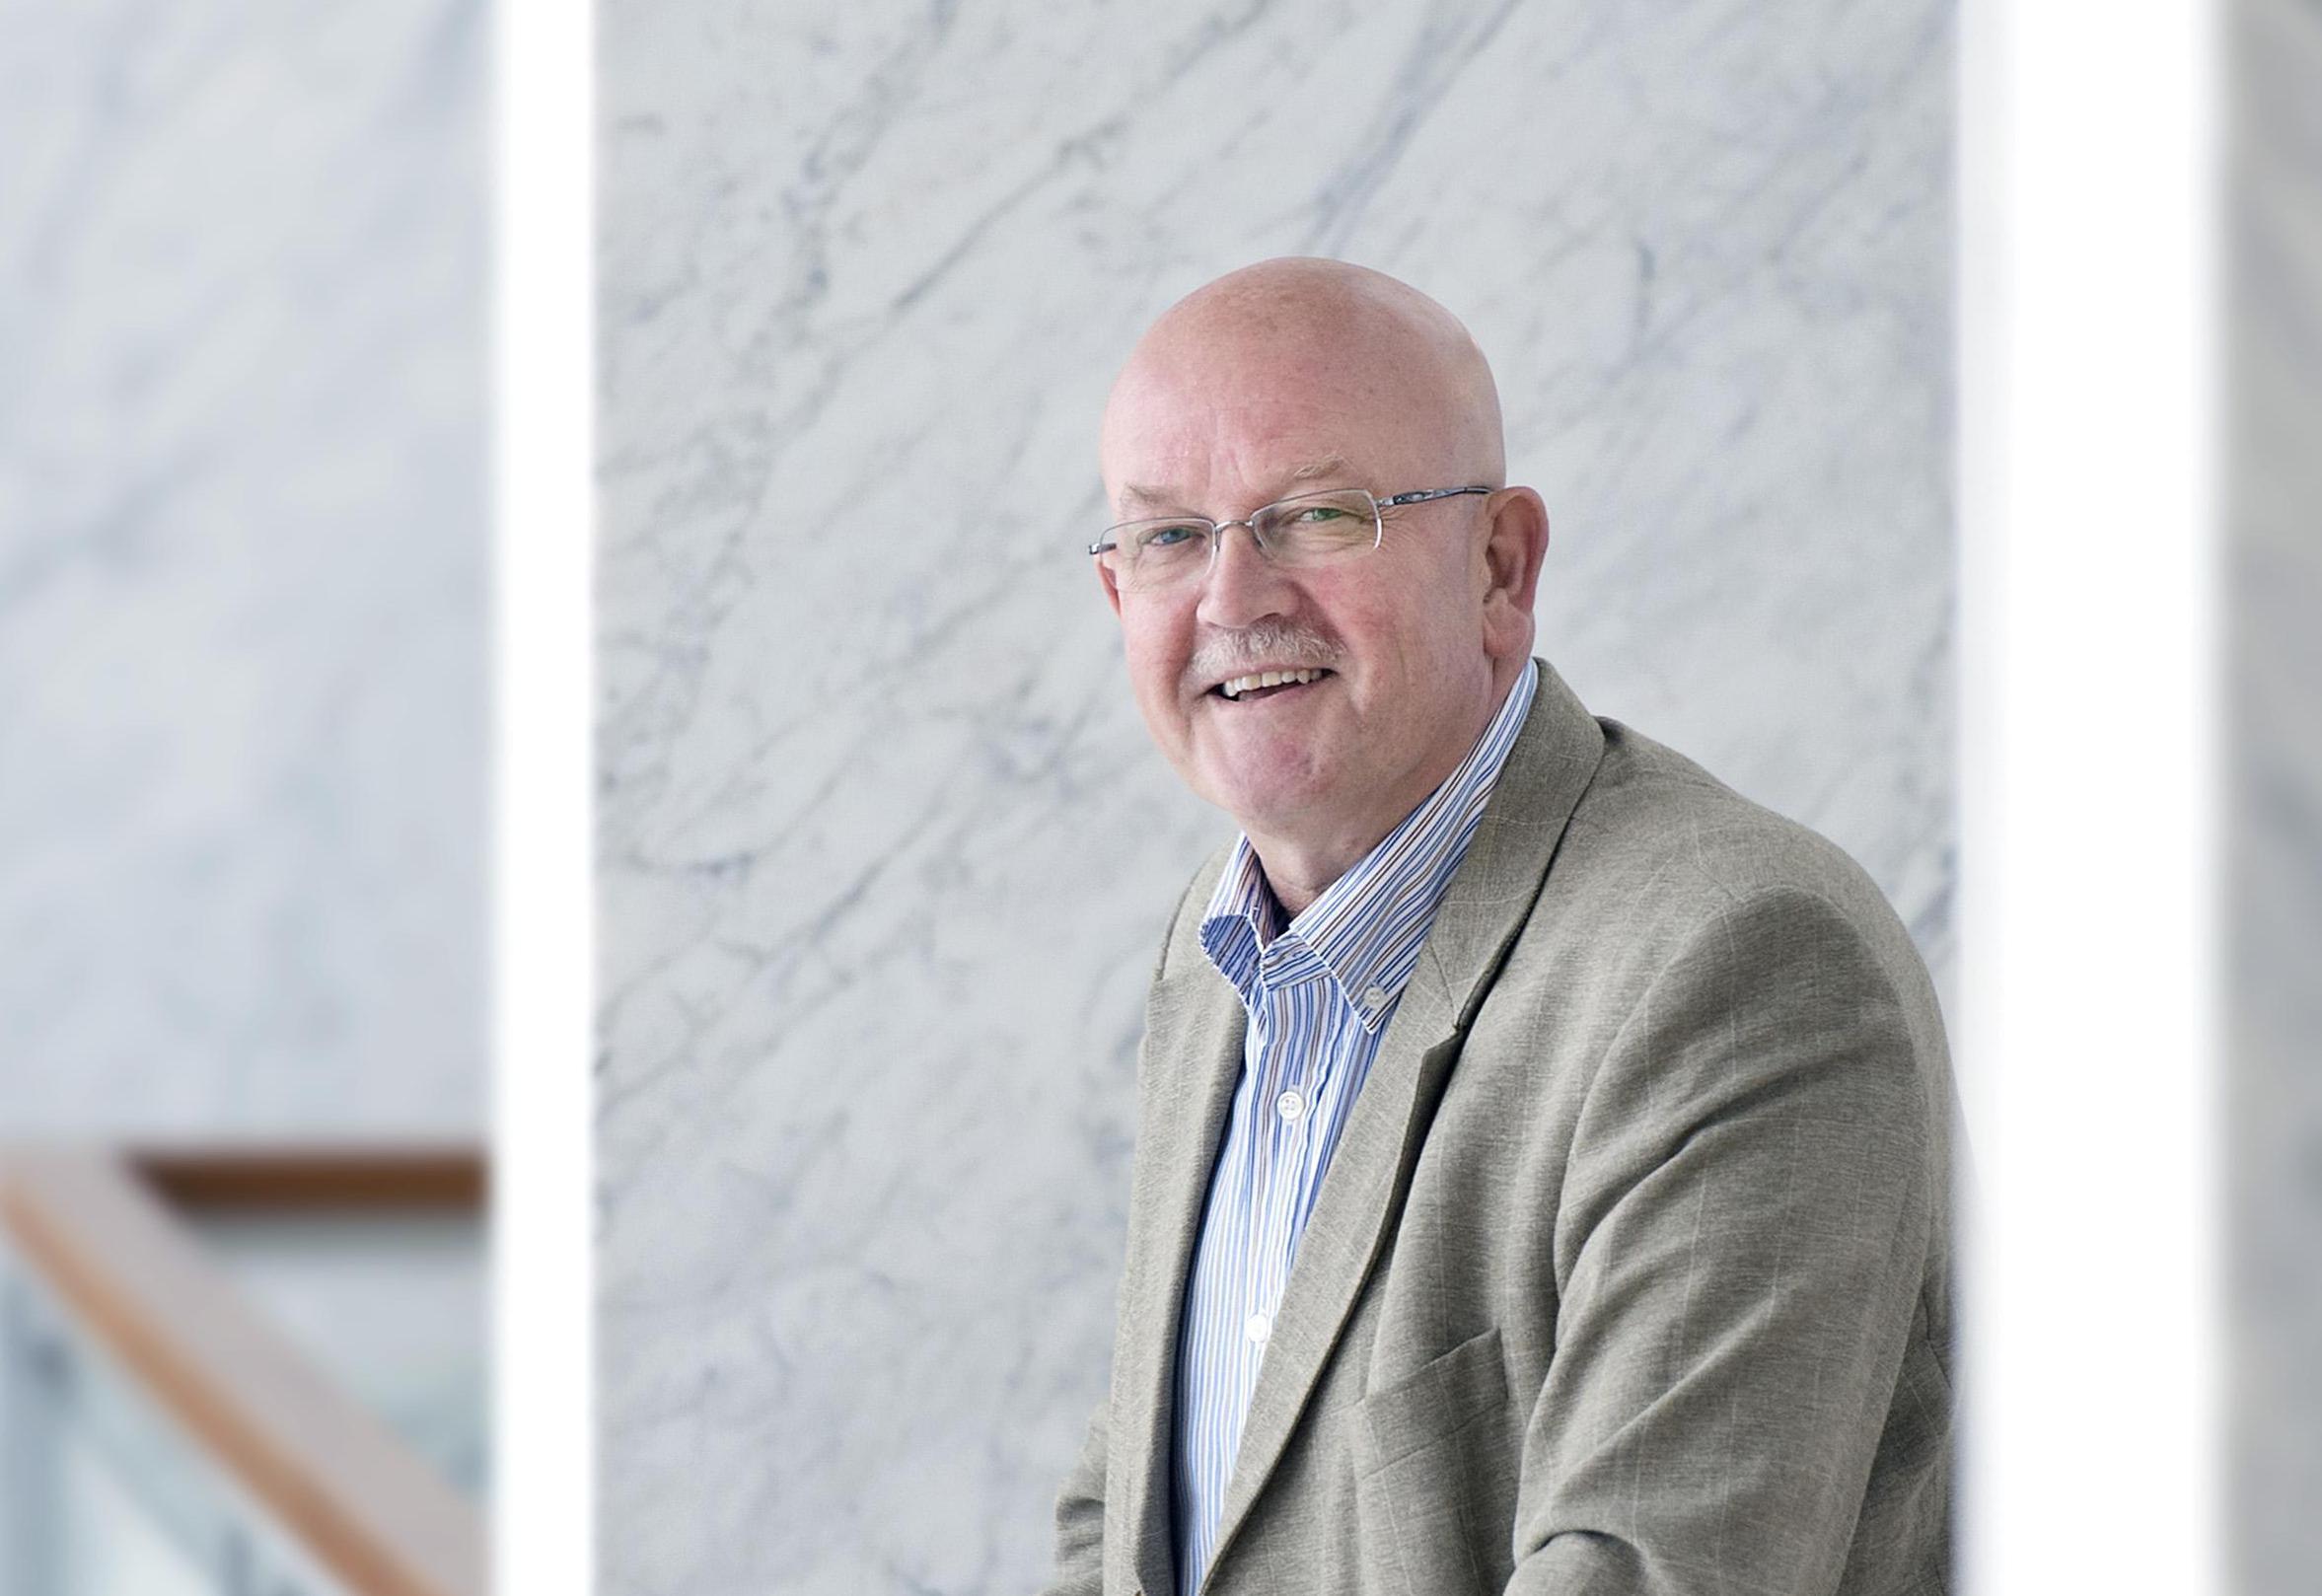 Wethouder Floor Bal van Velsen blijft ook na afhaken Tata Steel positief. 'Warmtenet IJmond gaat gewoon door'